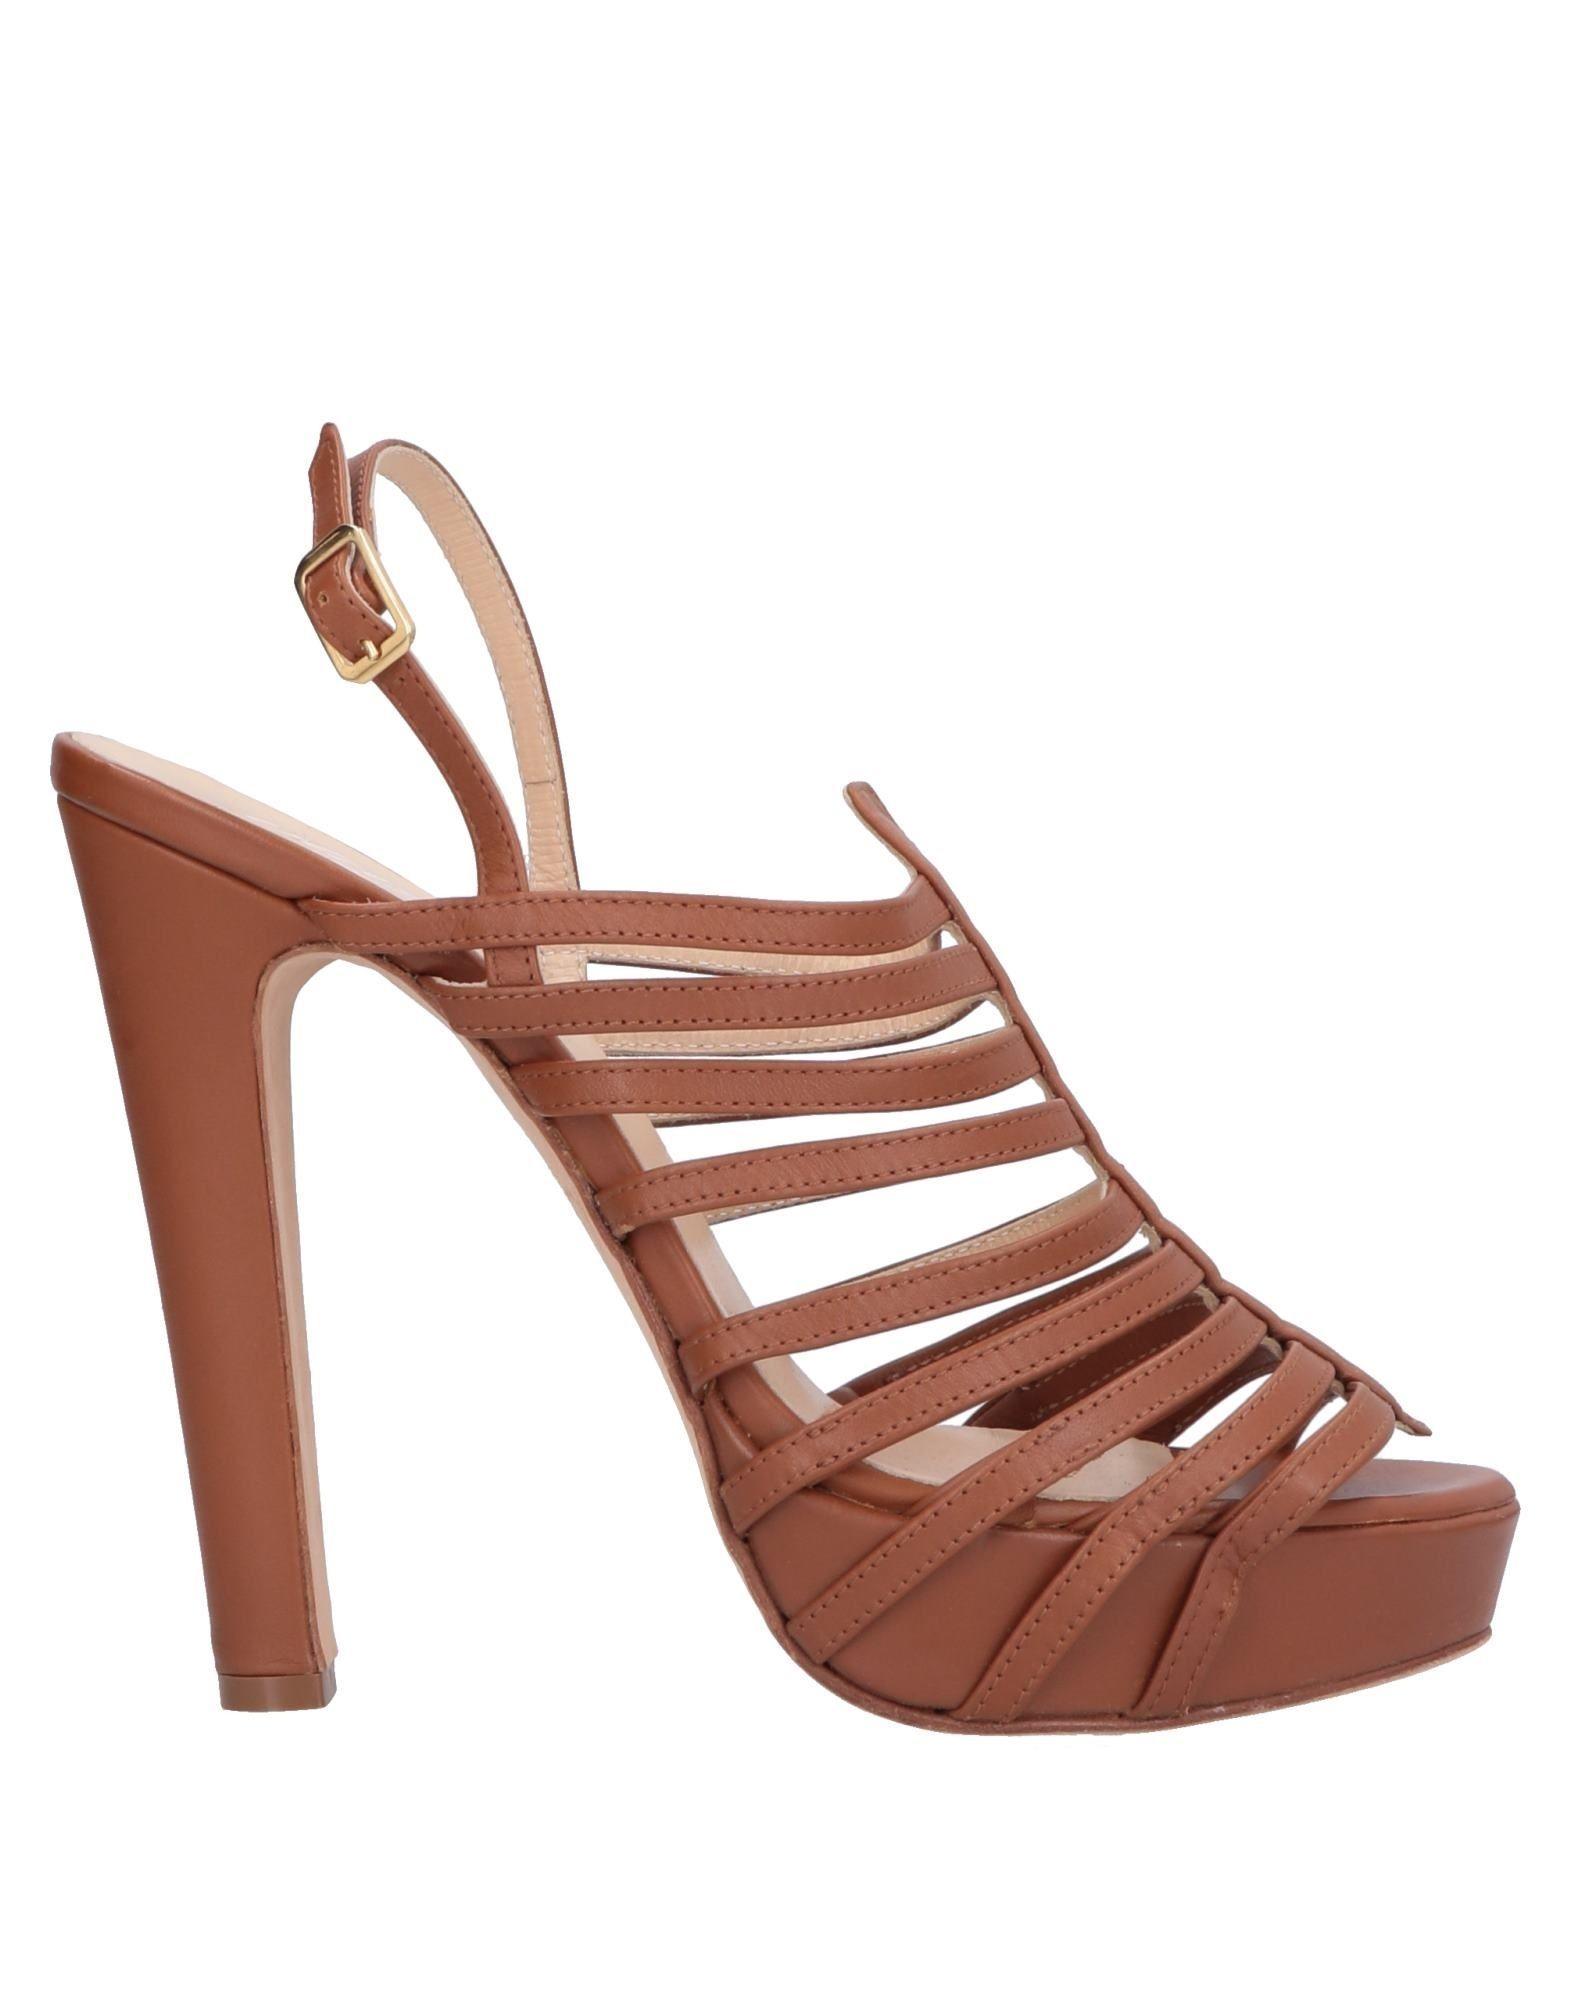 Blugirl Blumarine Brown Leather Sandals